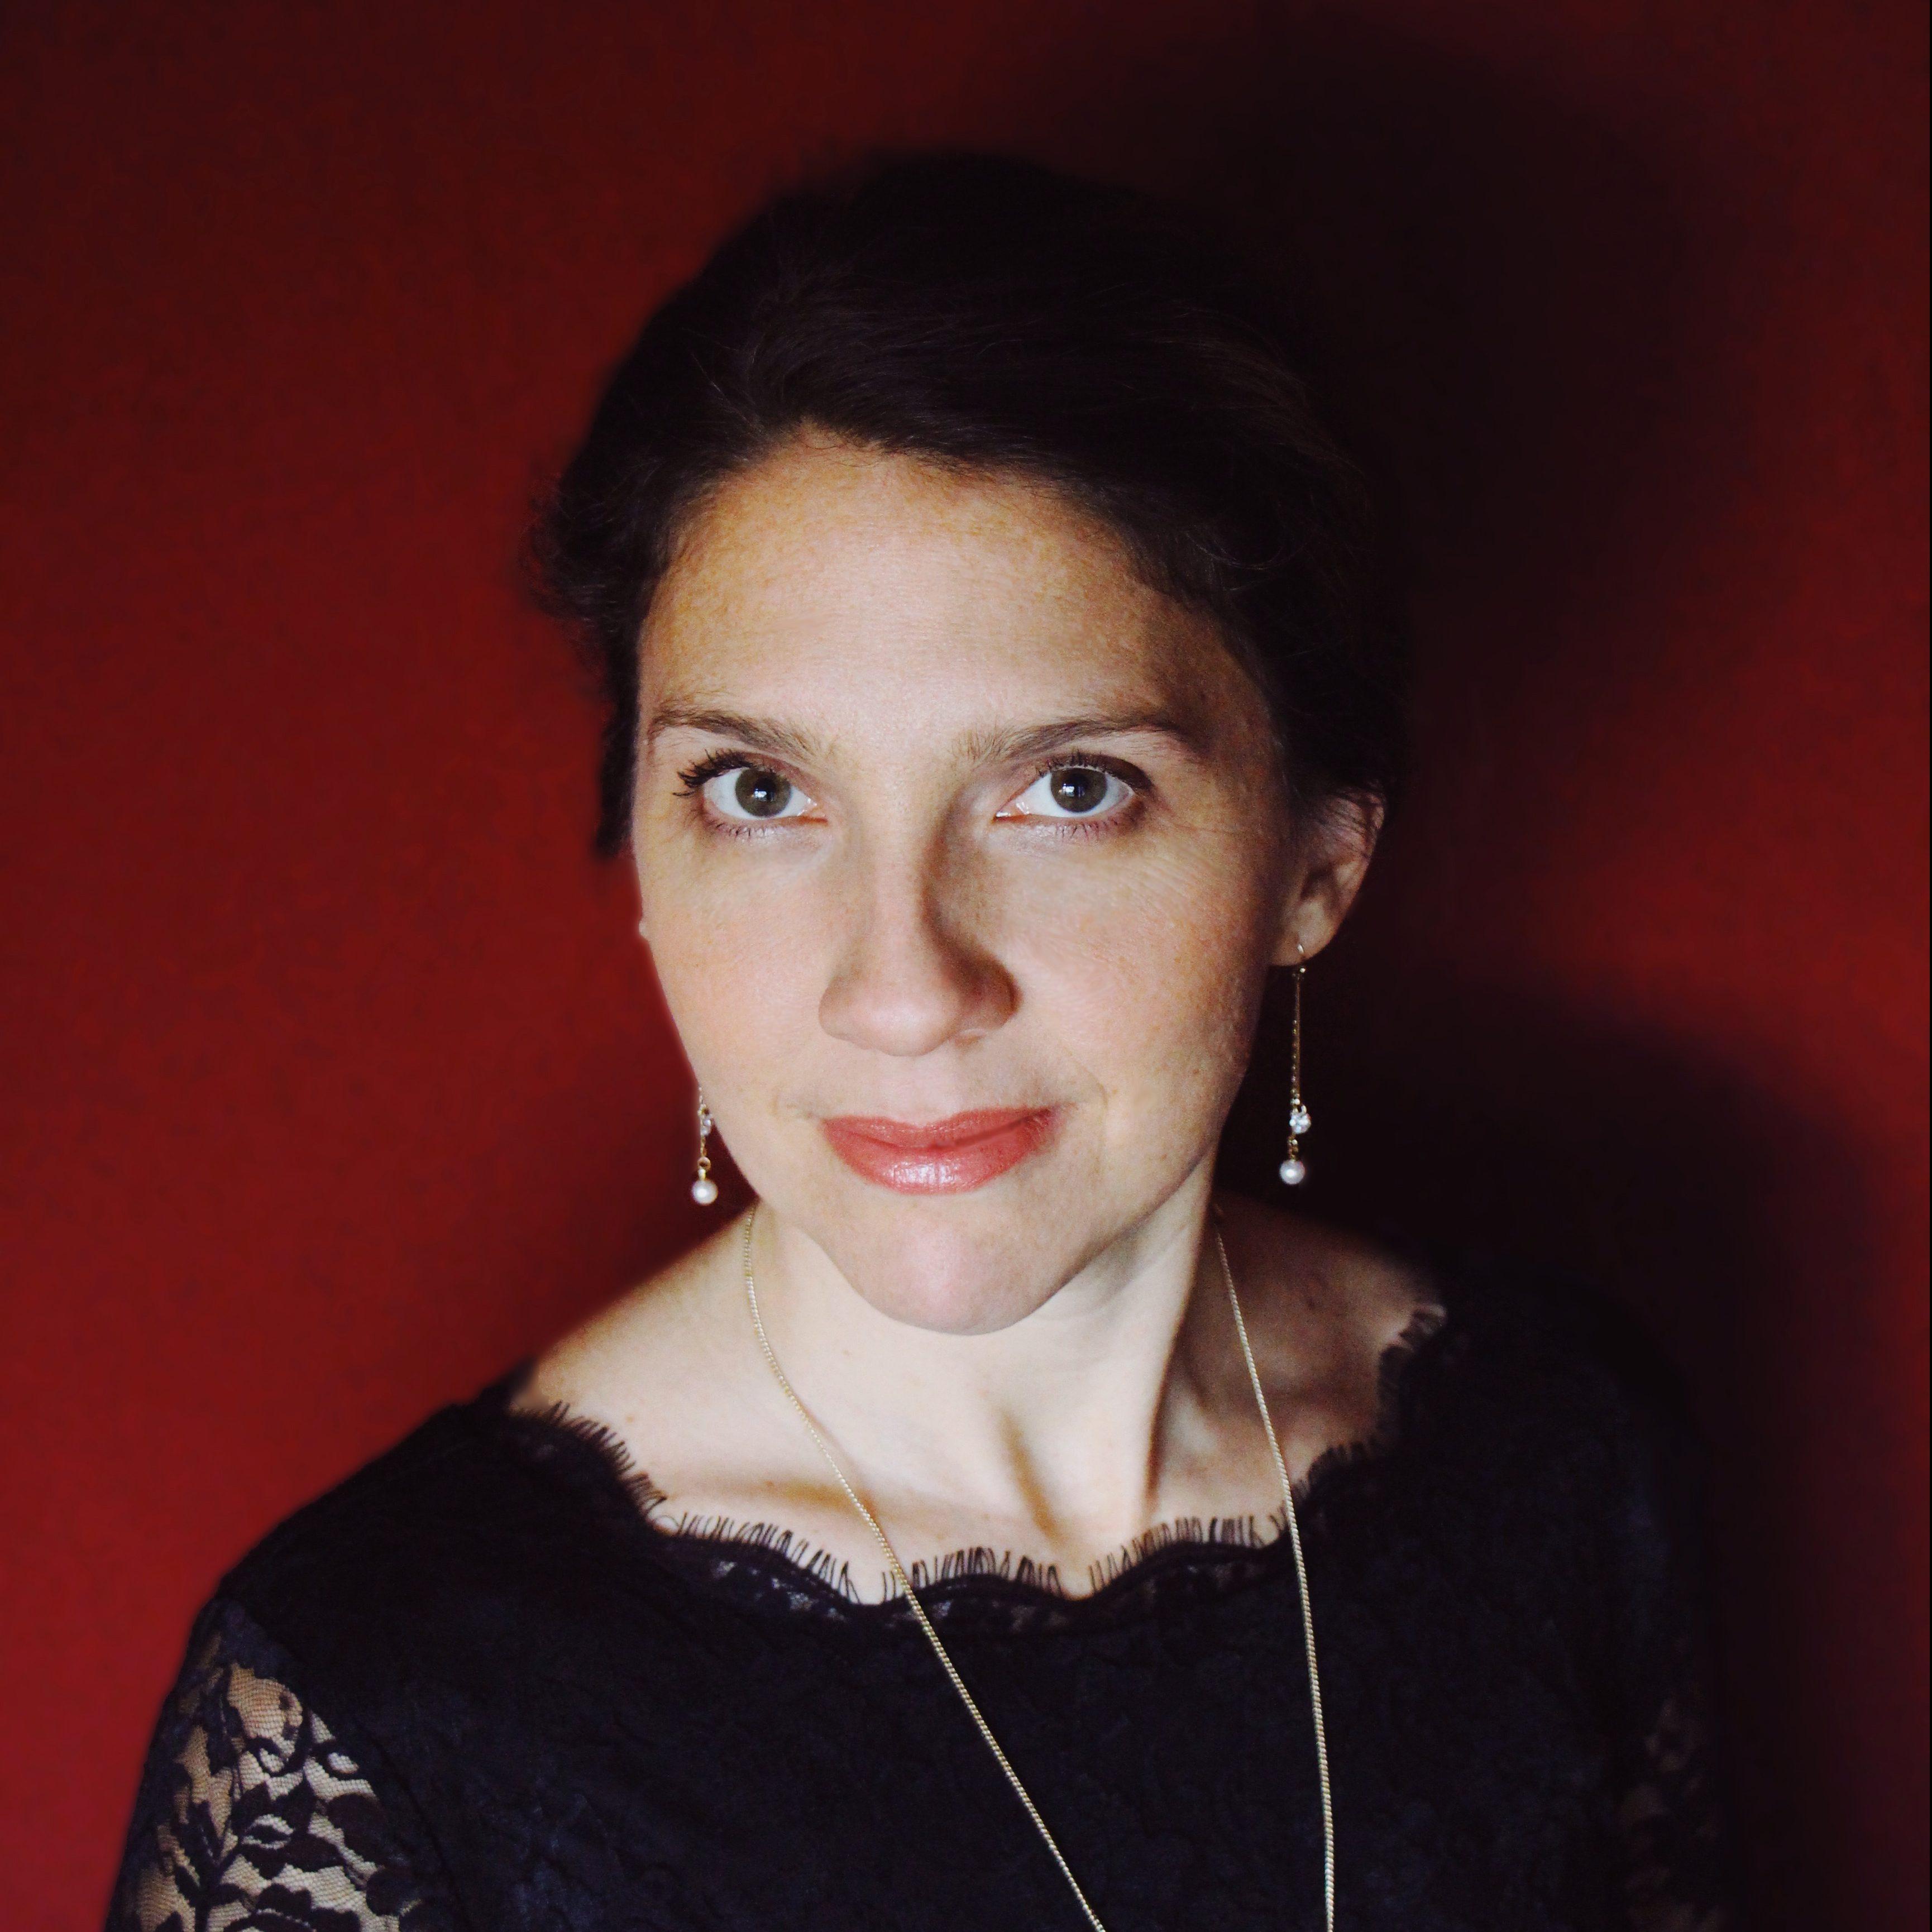 Talia Maria Sheehan